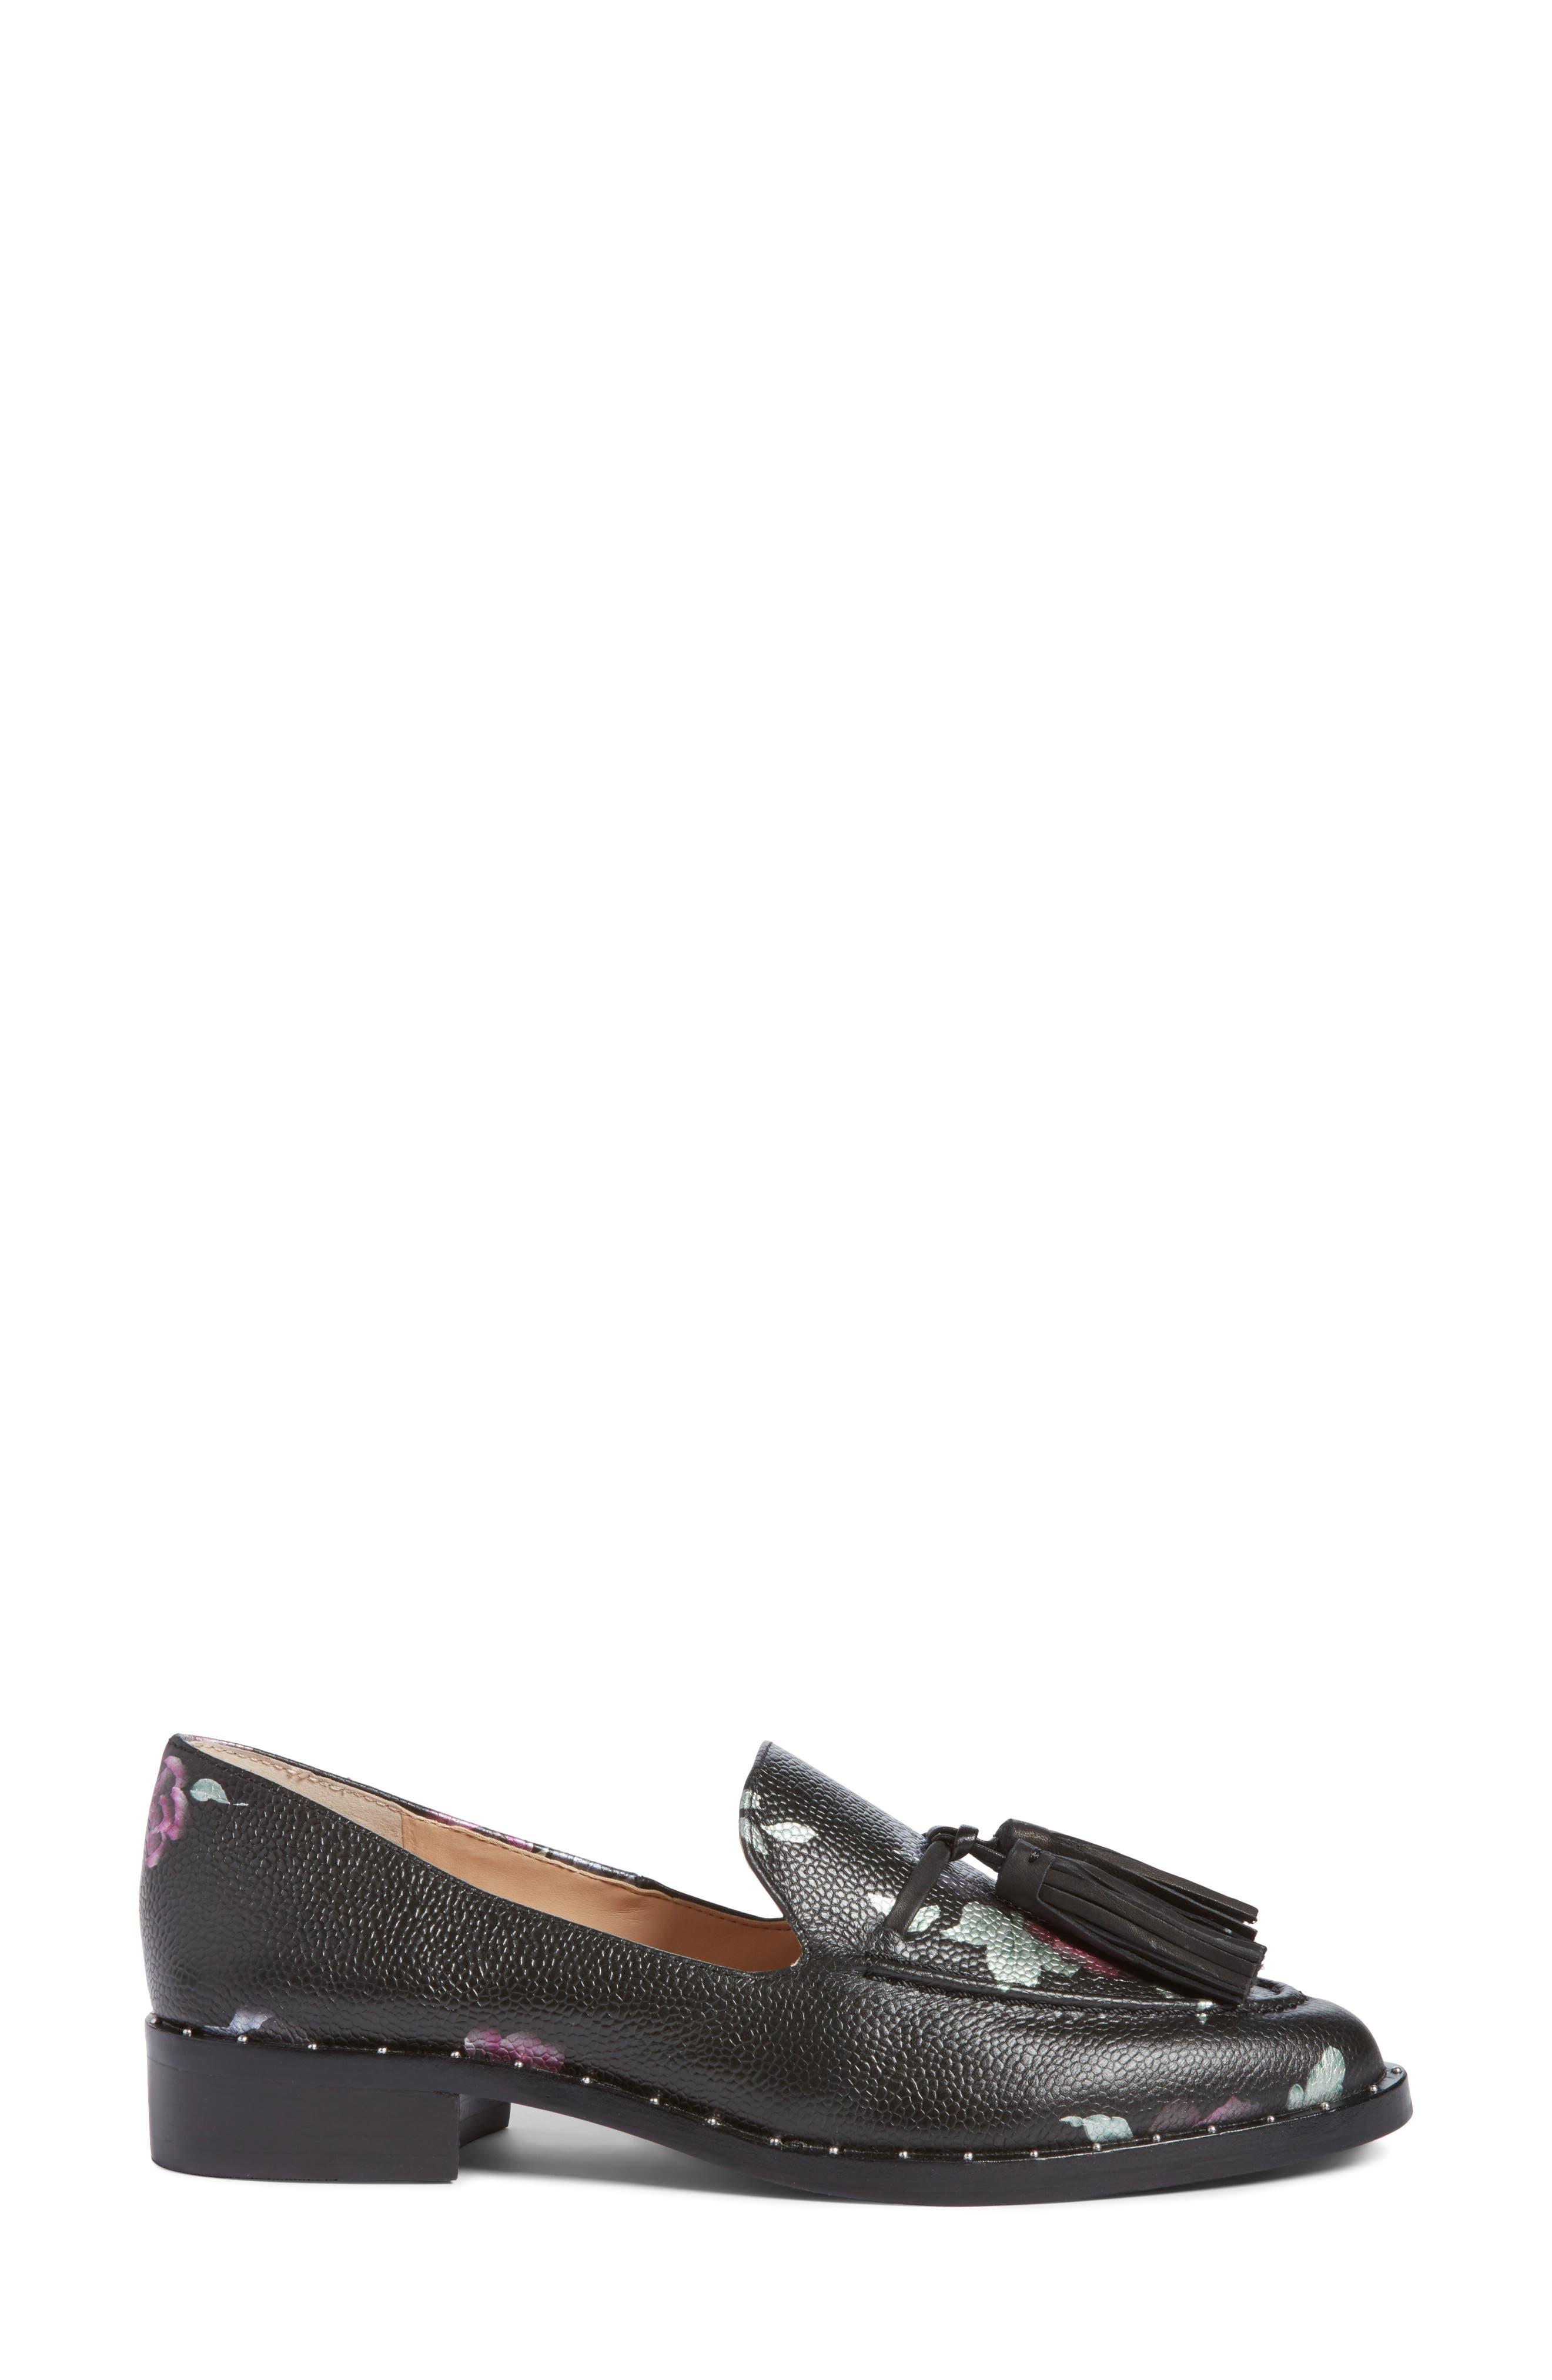 Geralin Tassel Loafer,                             Alternate thumbnail 3, color,                             Black Floral Print Leather